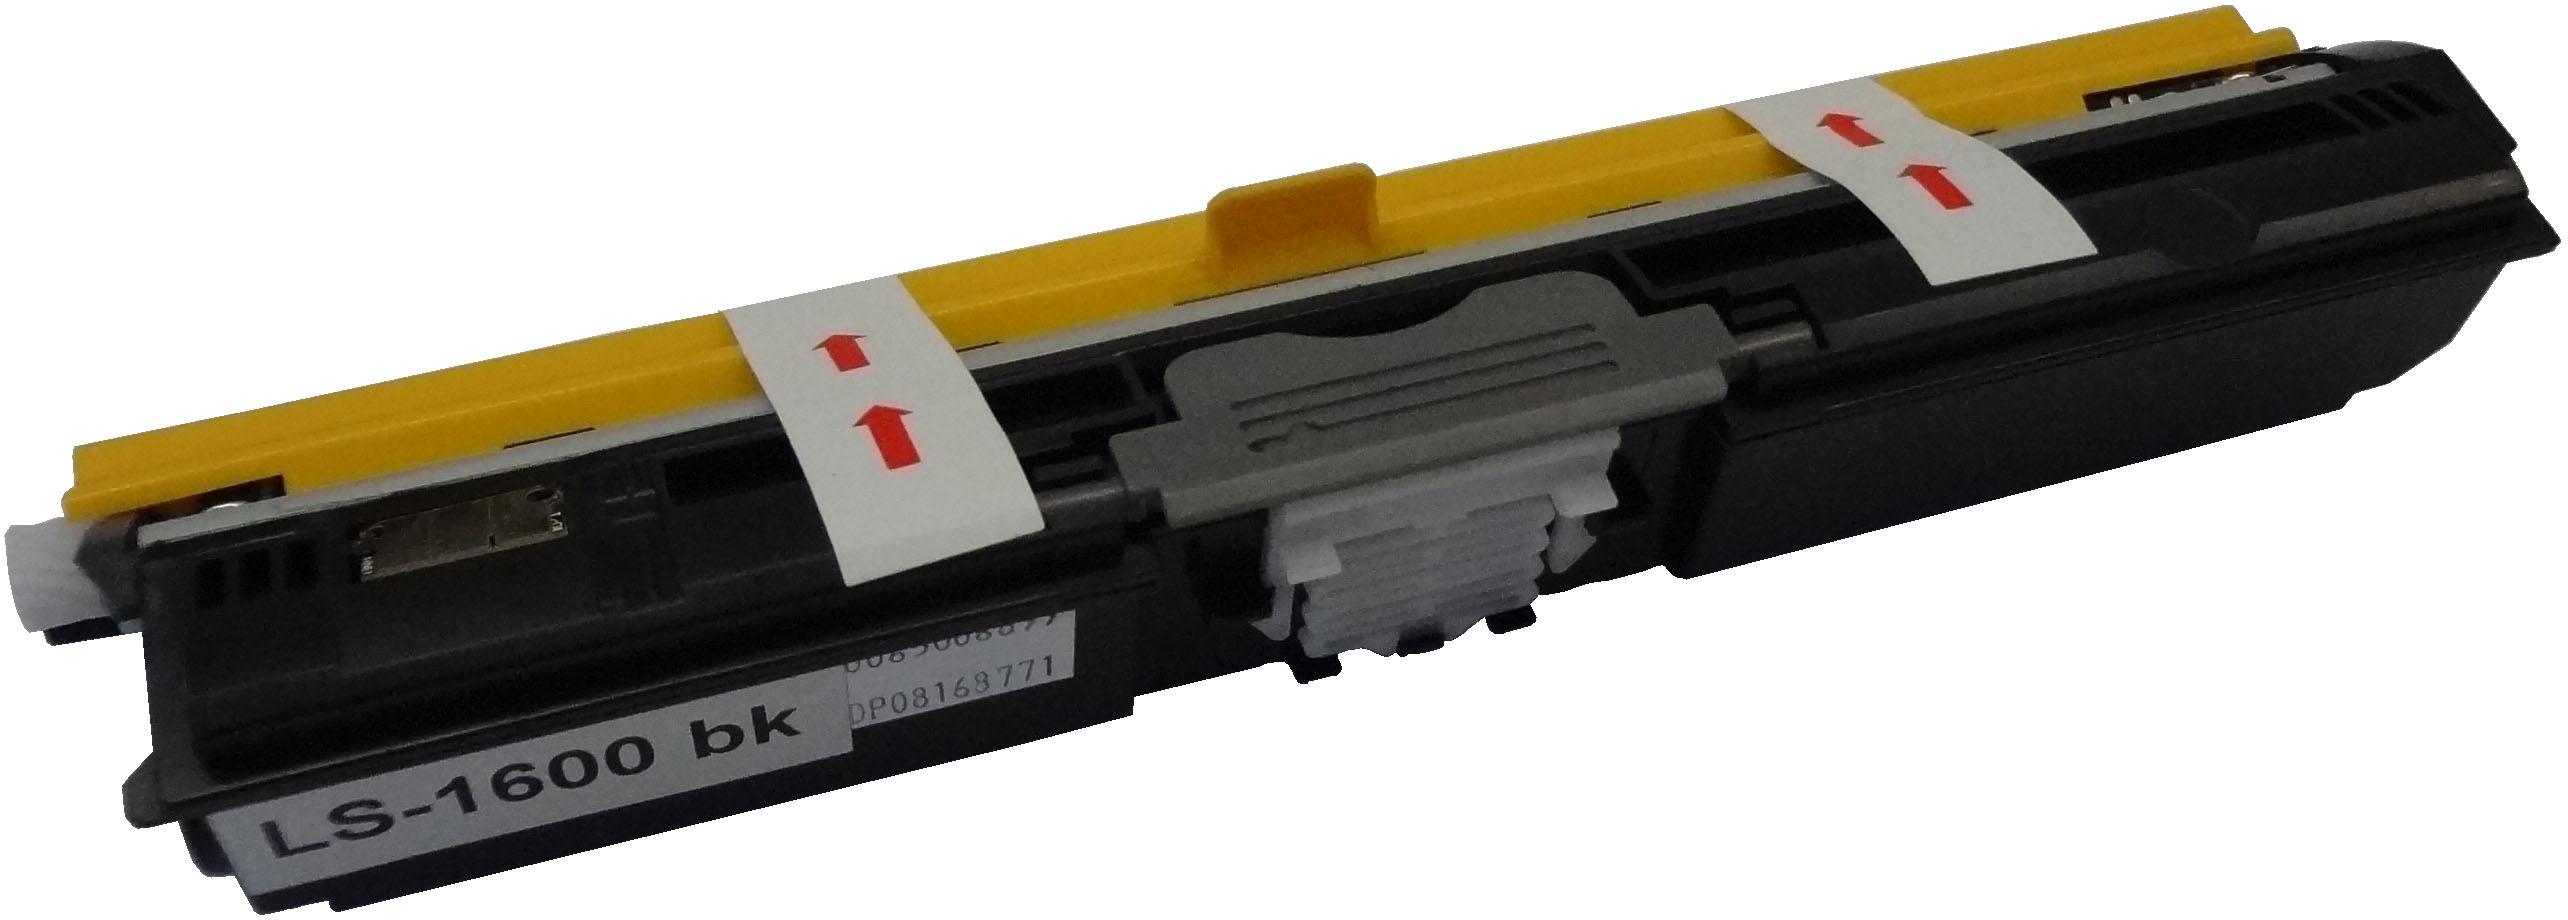 Epson C1600 / CX16 zwart